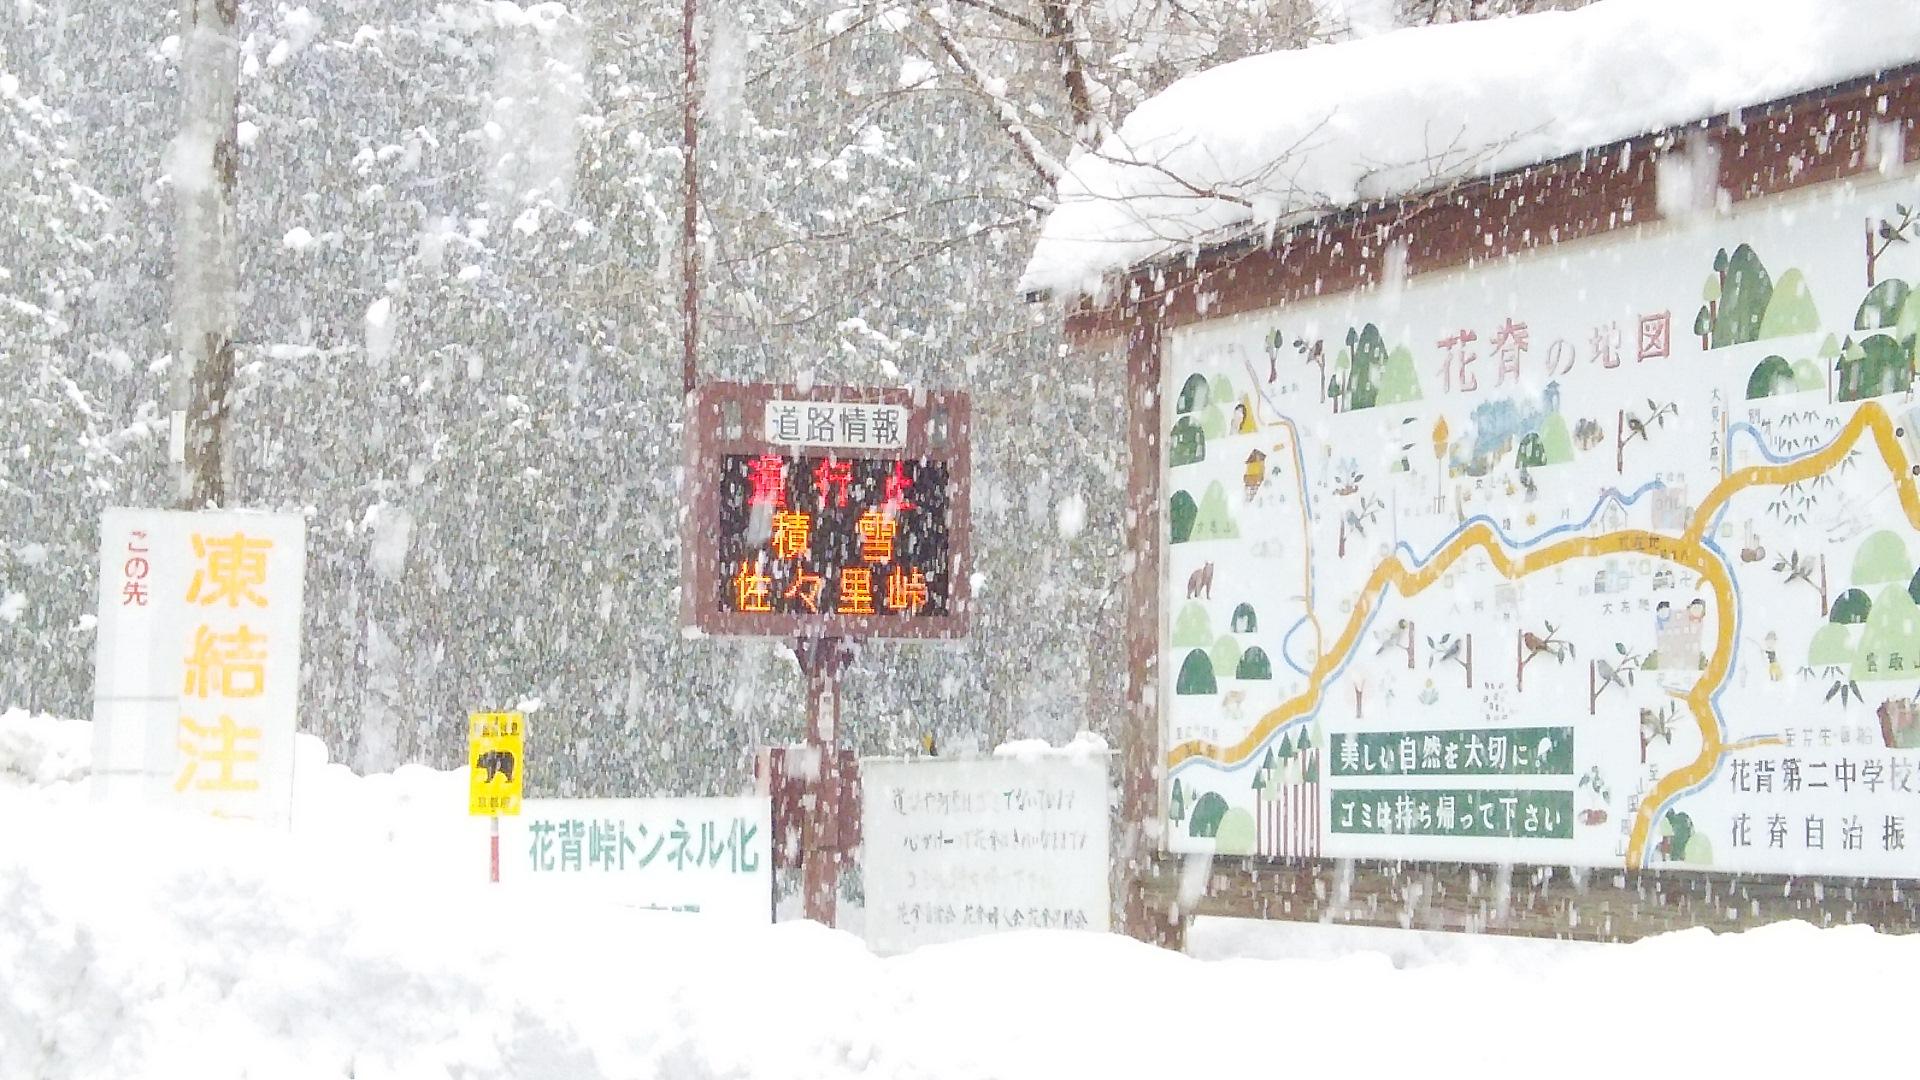 http://www.hirogawara.com/DSC_0905.JPG